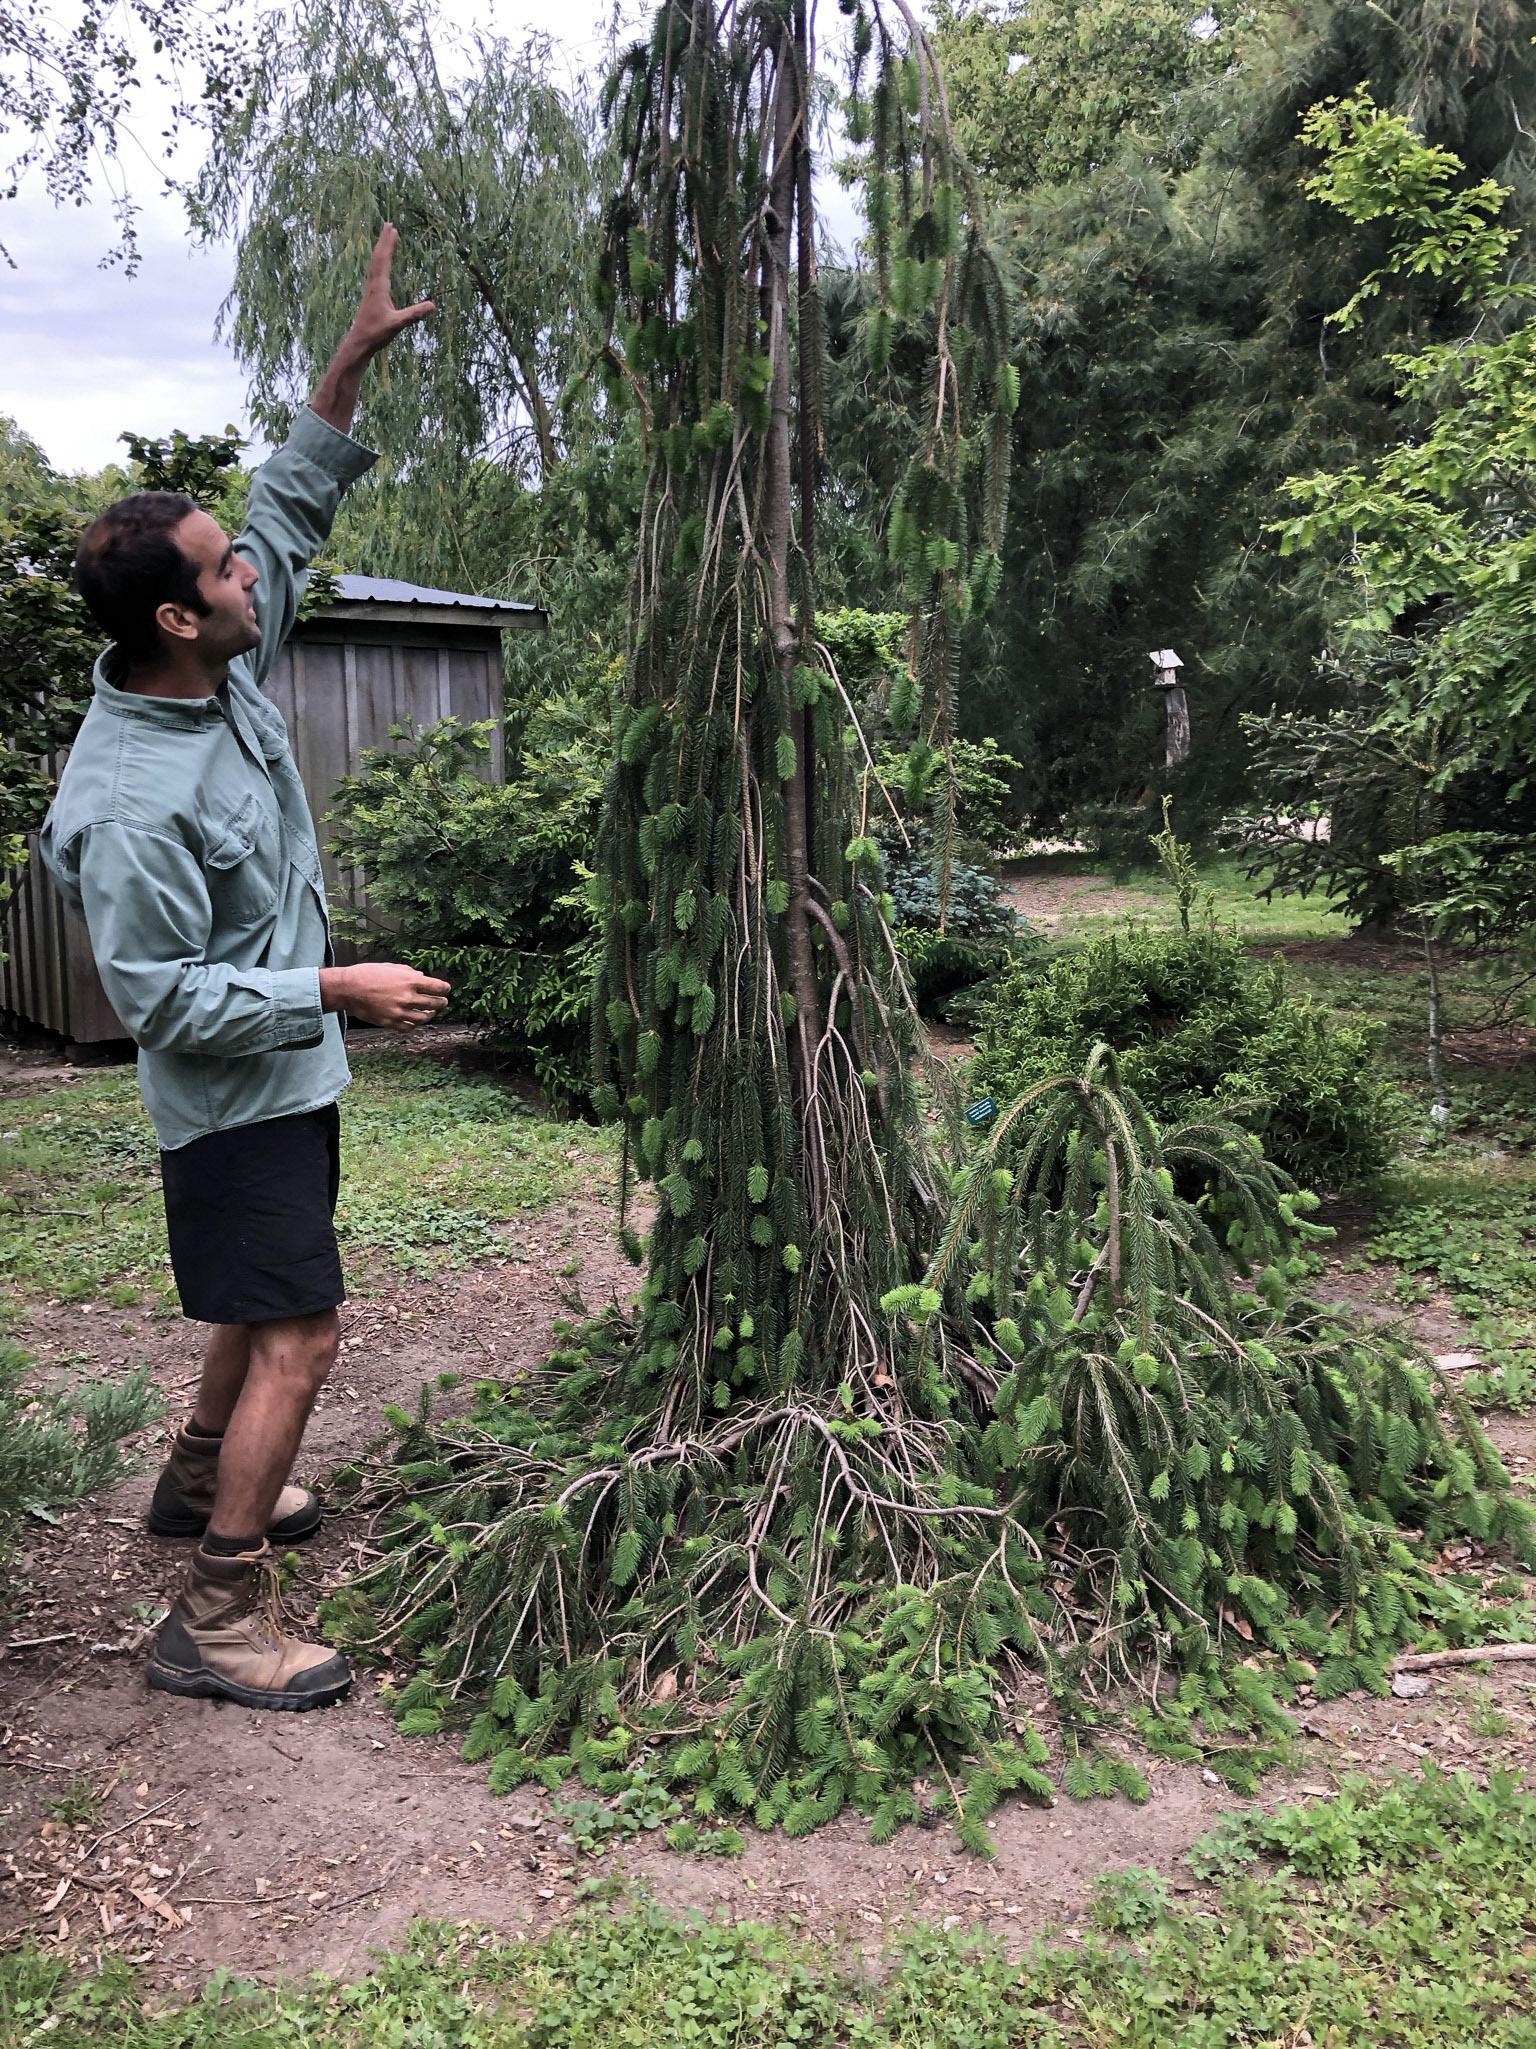 Tucker Marder at the Folly Tree Arboretum.